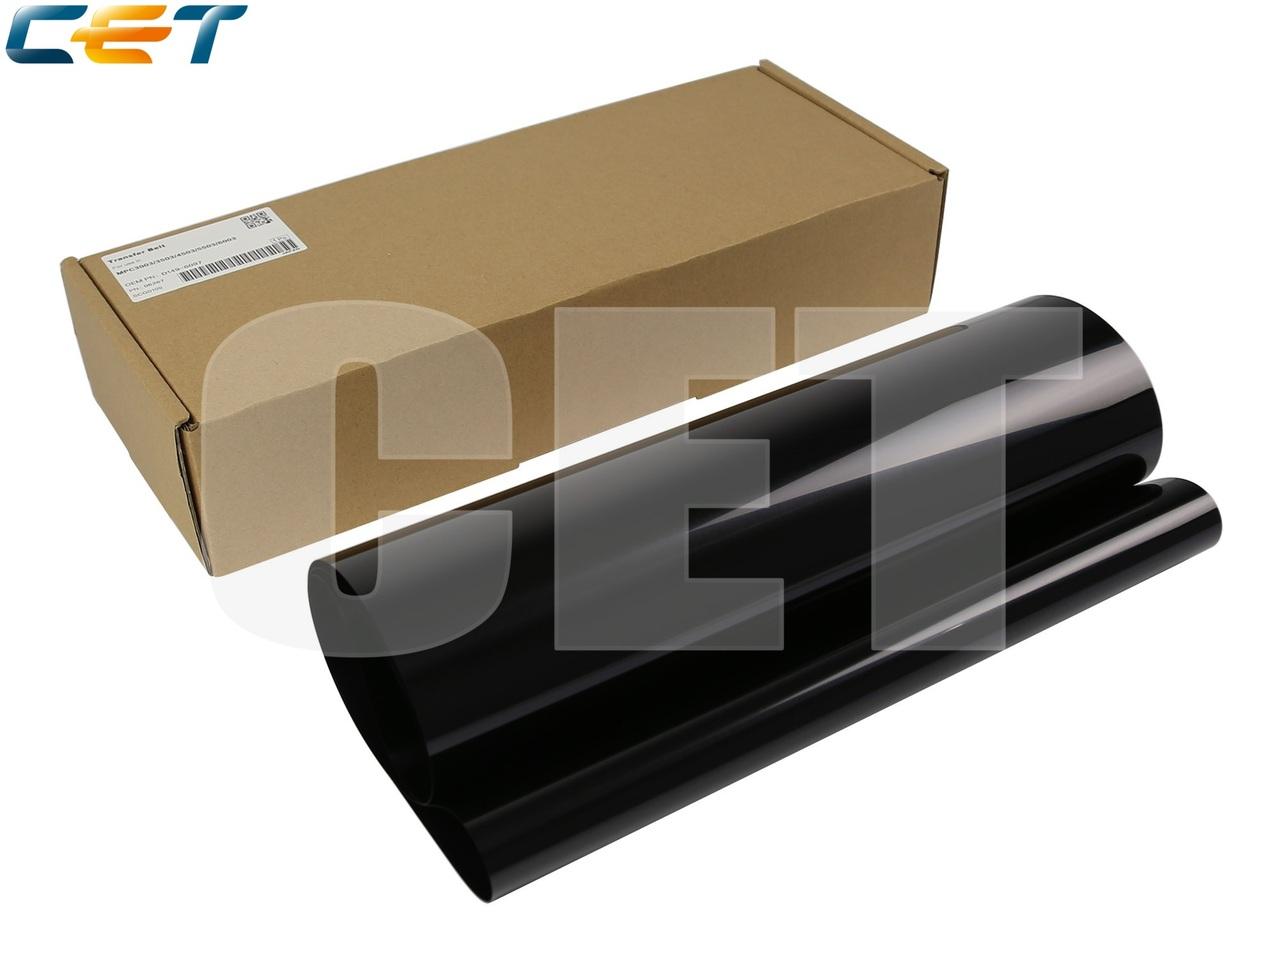 Лента переноса (Япония) D177-6097, D149-6097 для RICOHMPC2003/MPC2503/MPC3003/MPC3503/MPC4503/MPC5503/MPC6003 (CET), CET6267